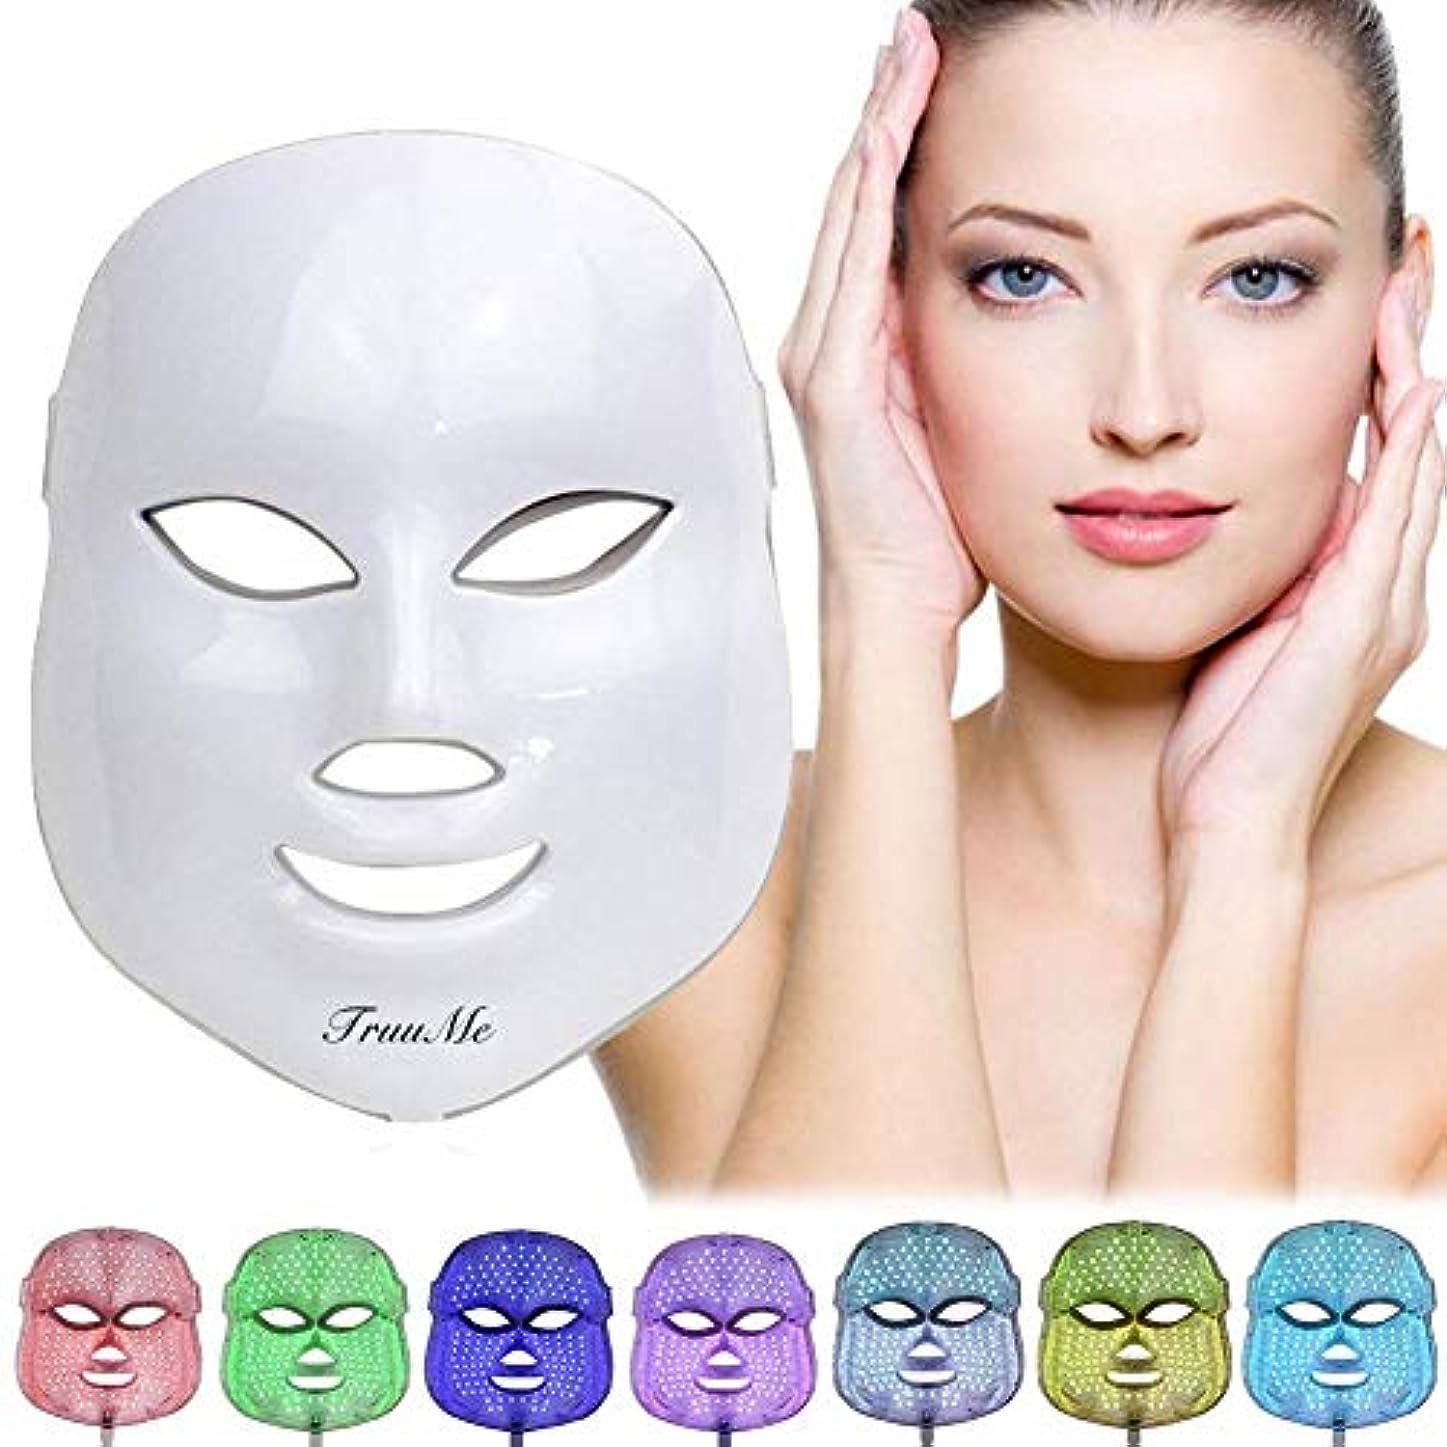 牛歯科医ガイダンスLEDフェイスマスク、ライトセラピーニキビマスク、LEDフェイシャルマスク、光線療法マスク、LEDエレクトリックフェイシャルマスク、7色光治療、ニキビ治療用マスク、斑点、にきび、皮膚のシミ